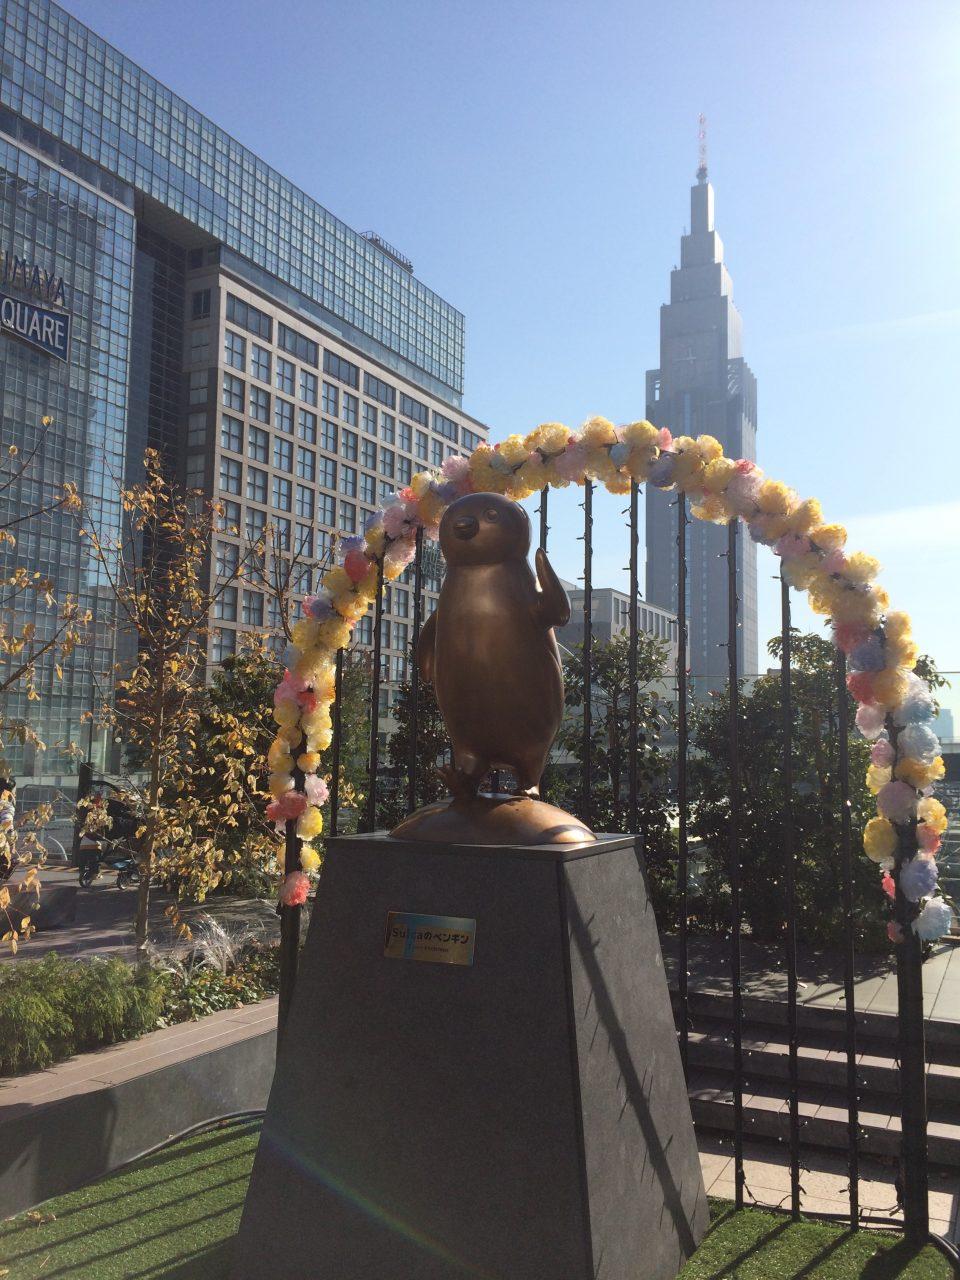 suicaのペンギン広場のsuicaのペンギン像の写真